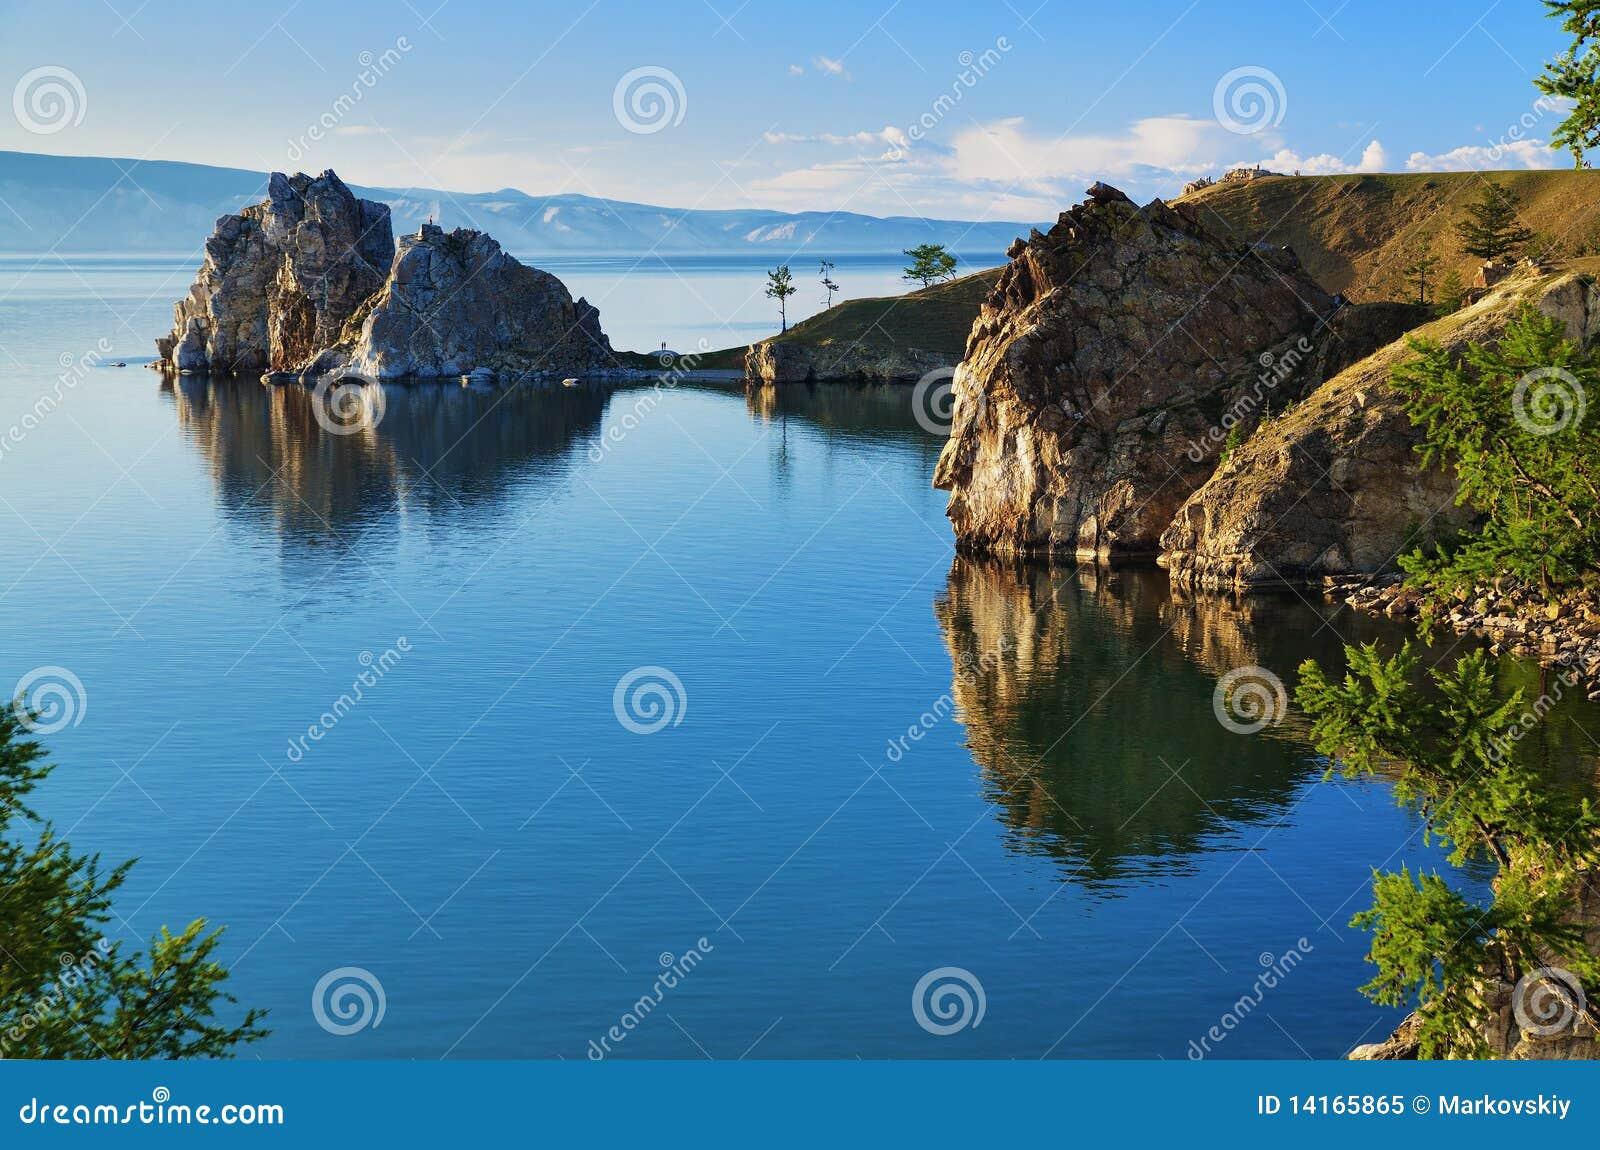 Cape Burhan and Shaman Rock at Baikal lake